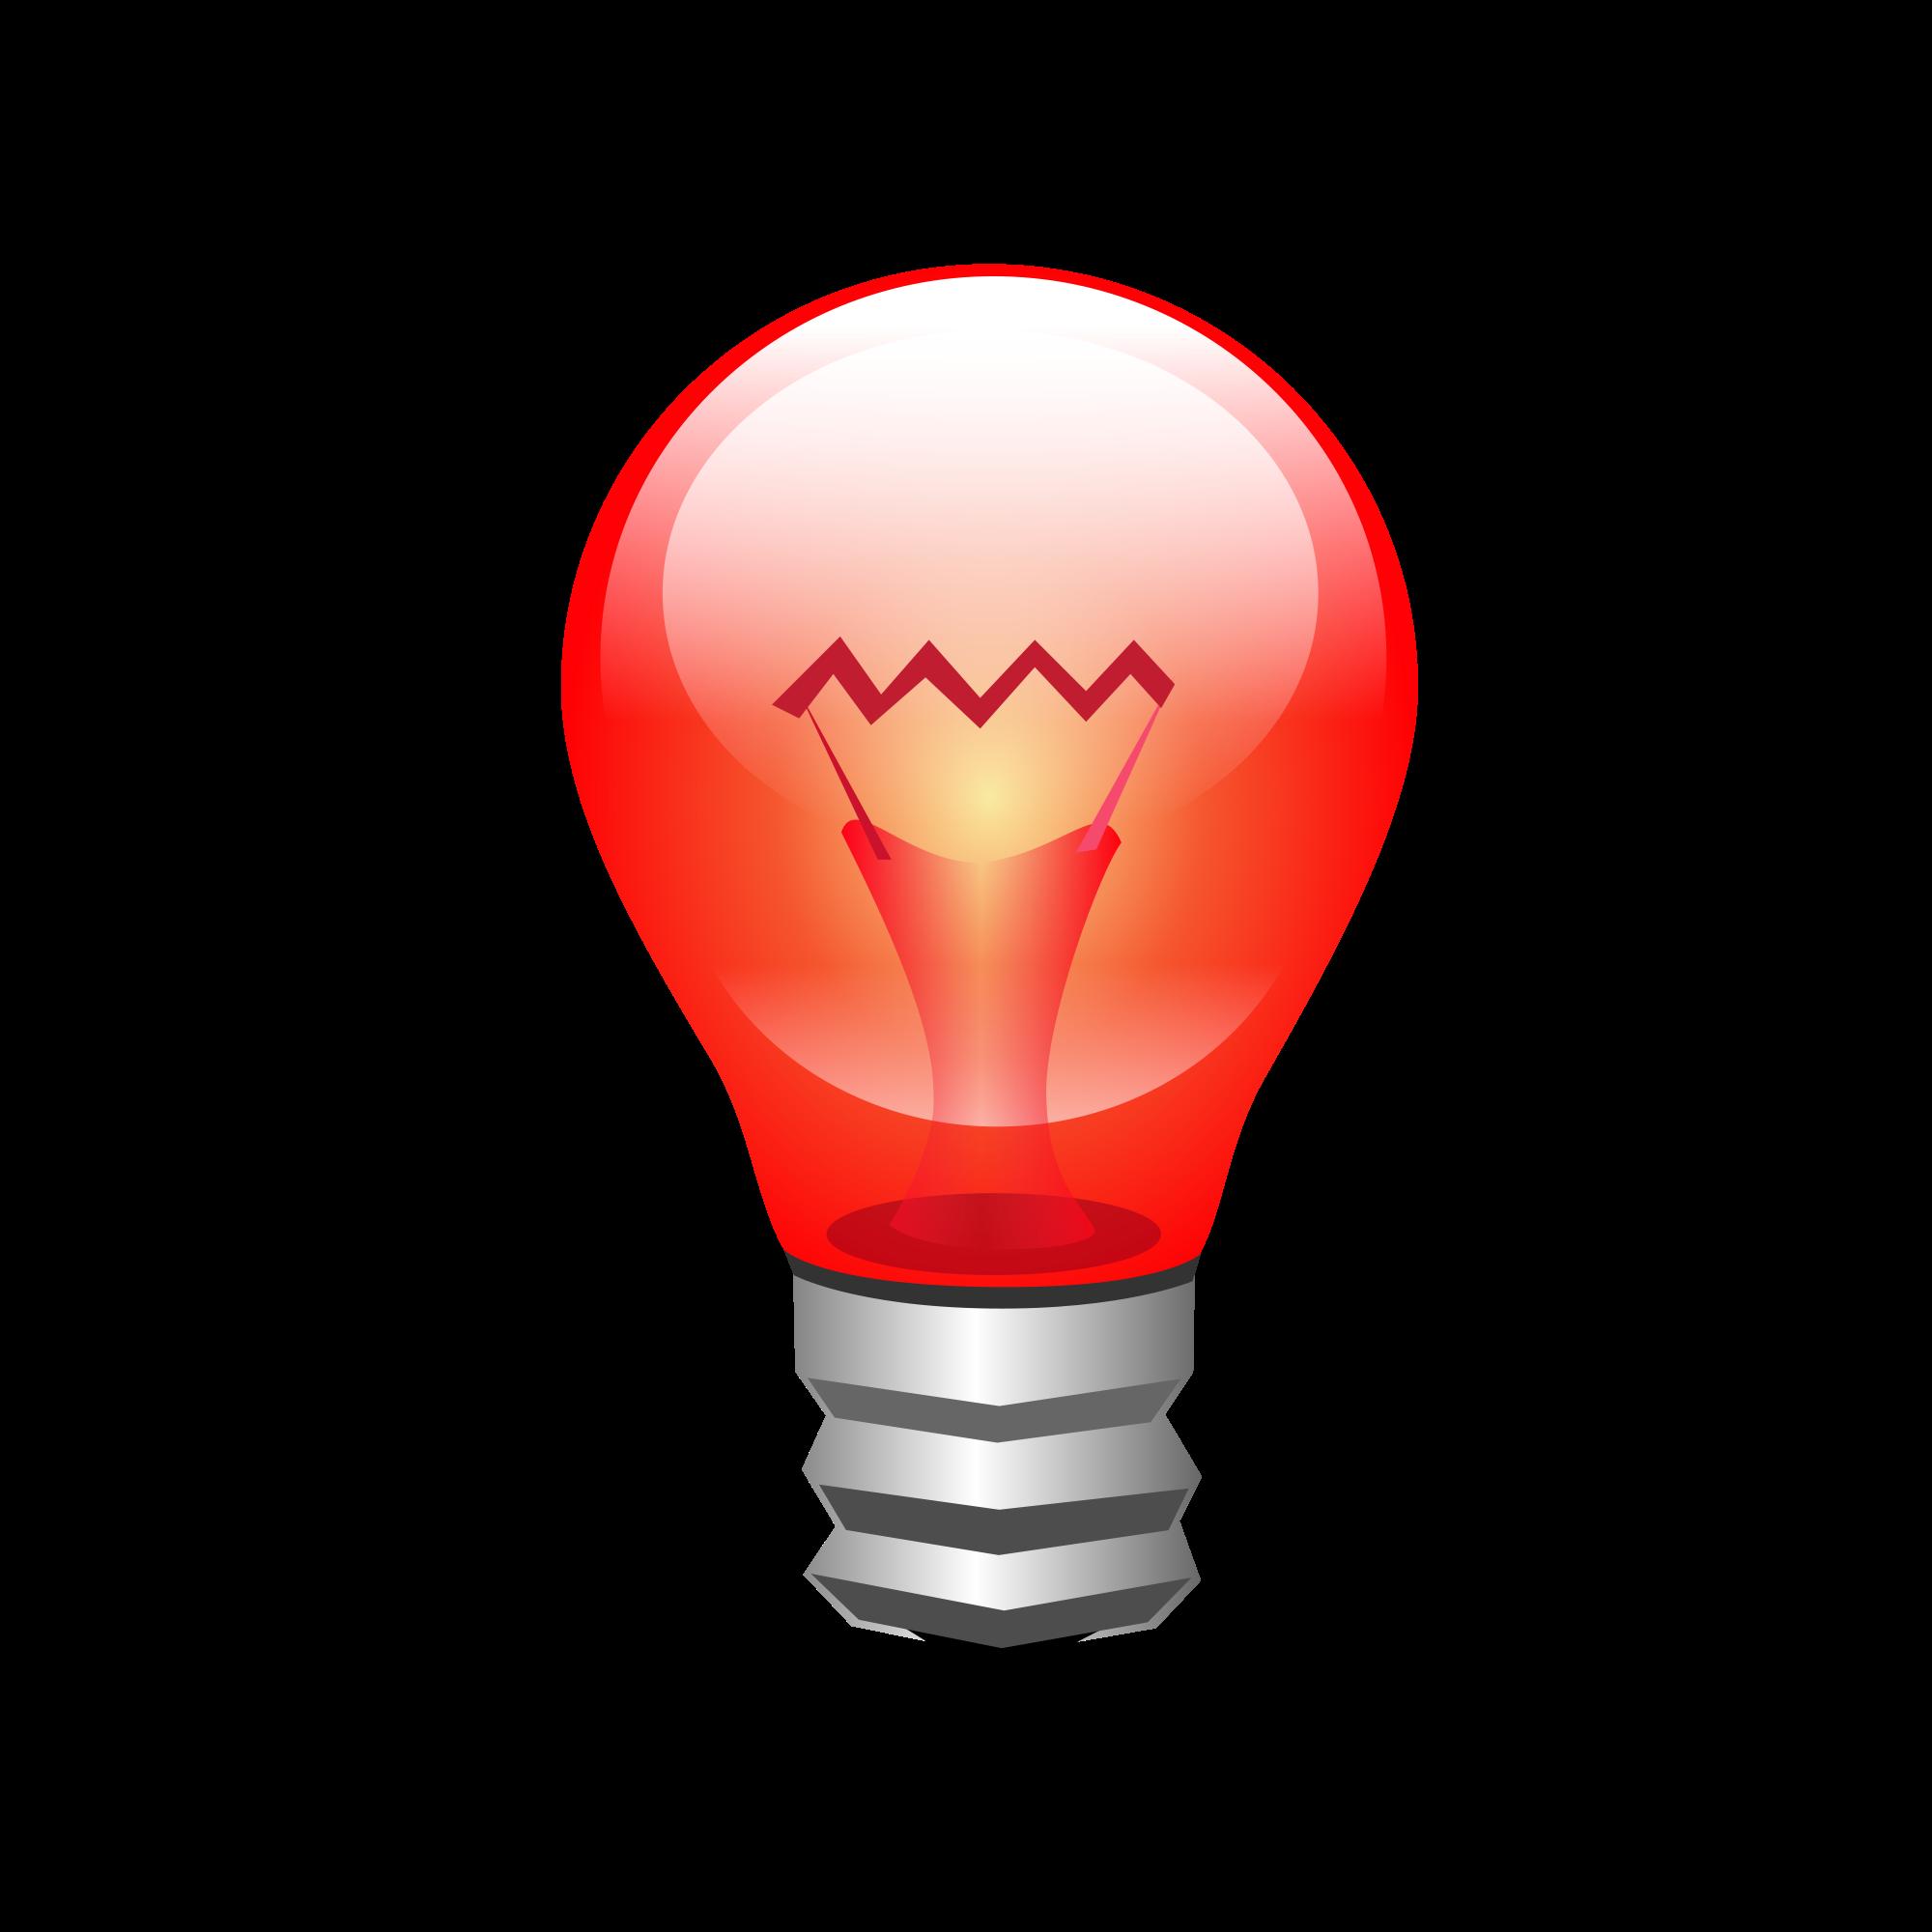 File bombilla roja edison. Lamp clipart red lamp